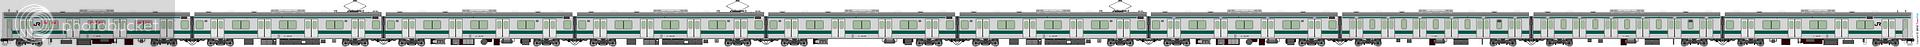 鐵路列車 1979